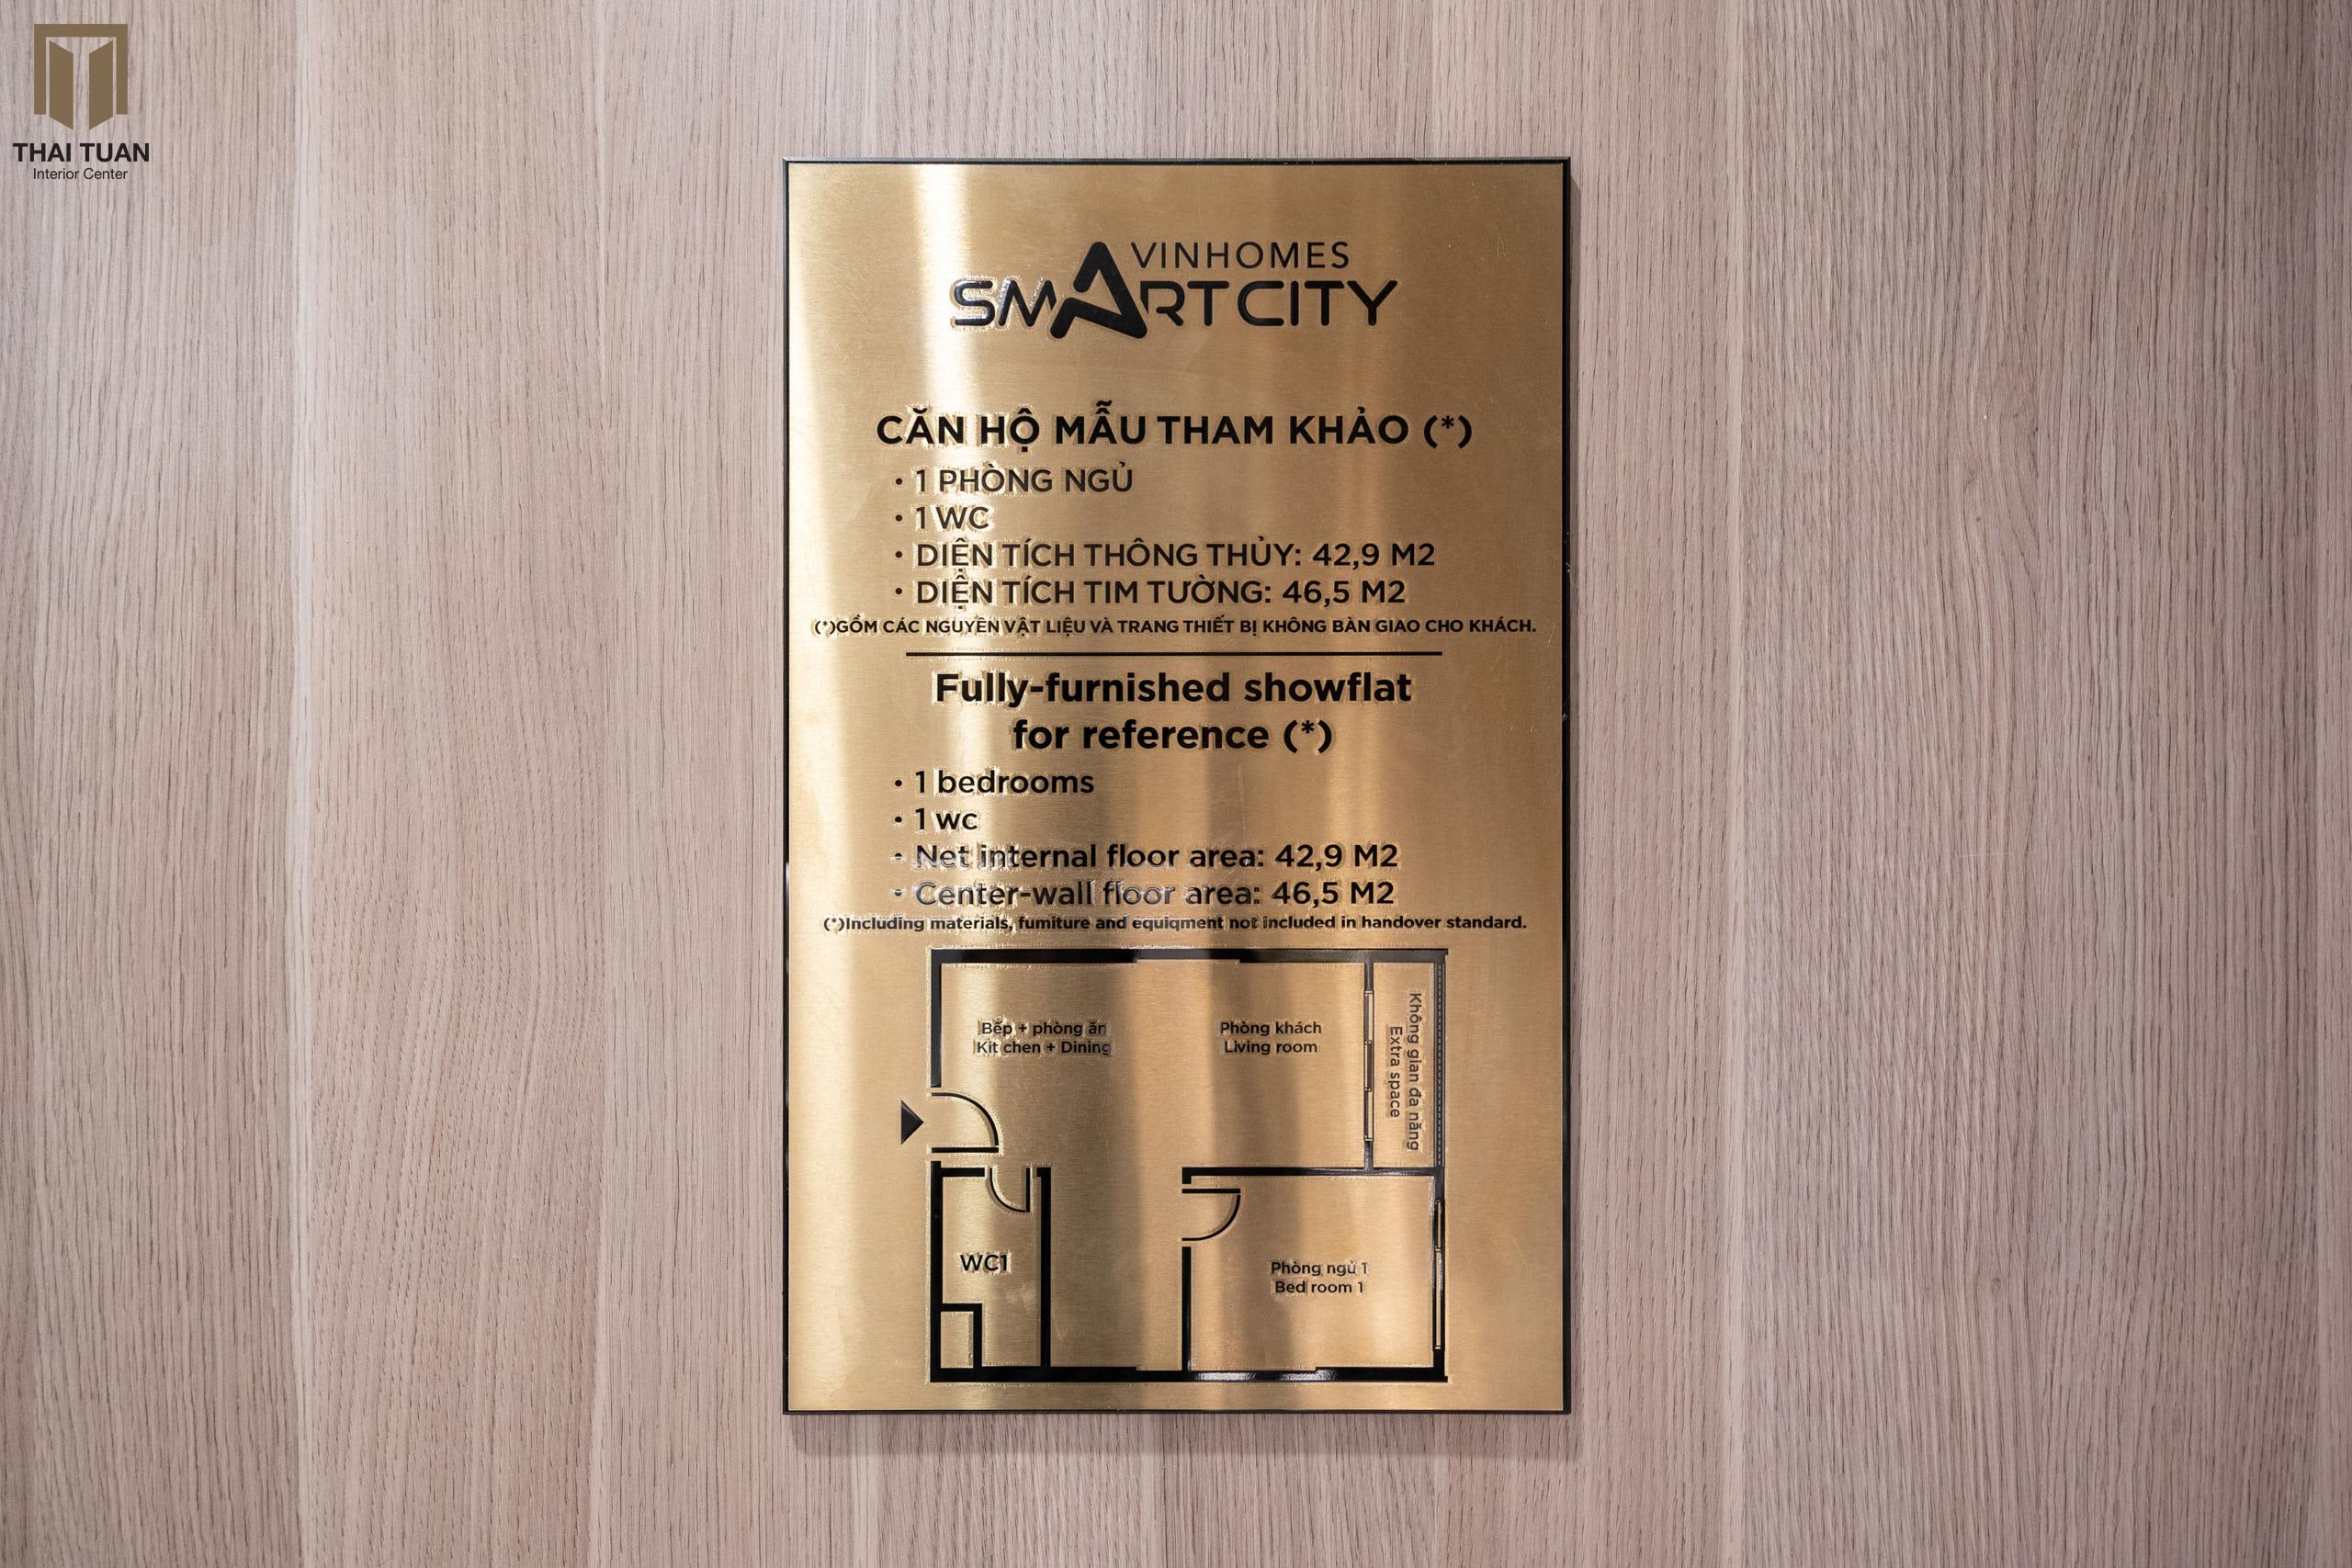 Căn Hộ 1 Phòng Ngủ Siêu Hợp Lý Tại Vinhomes Smart City